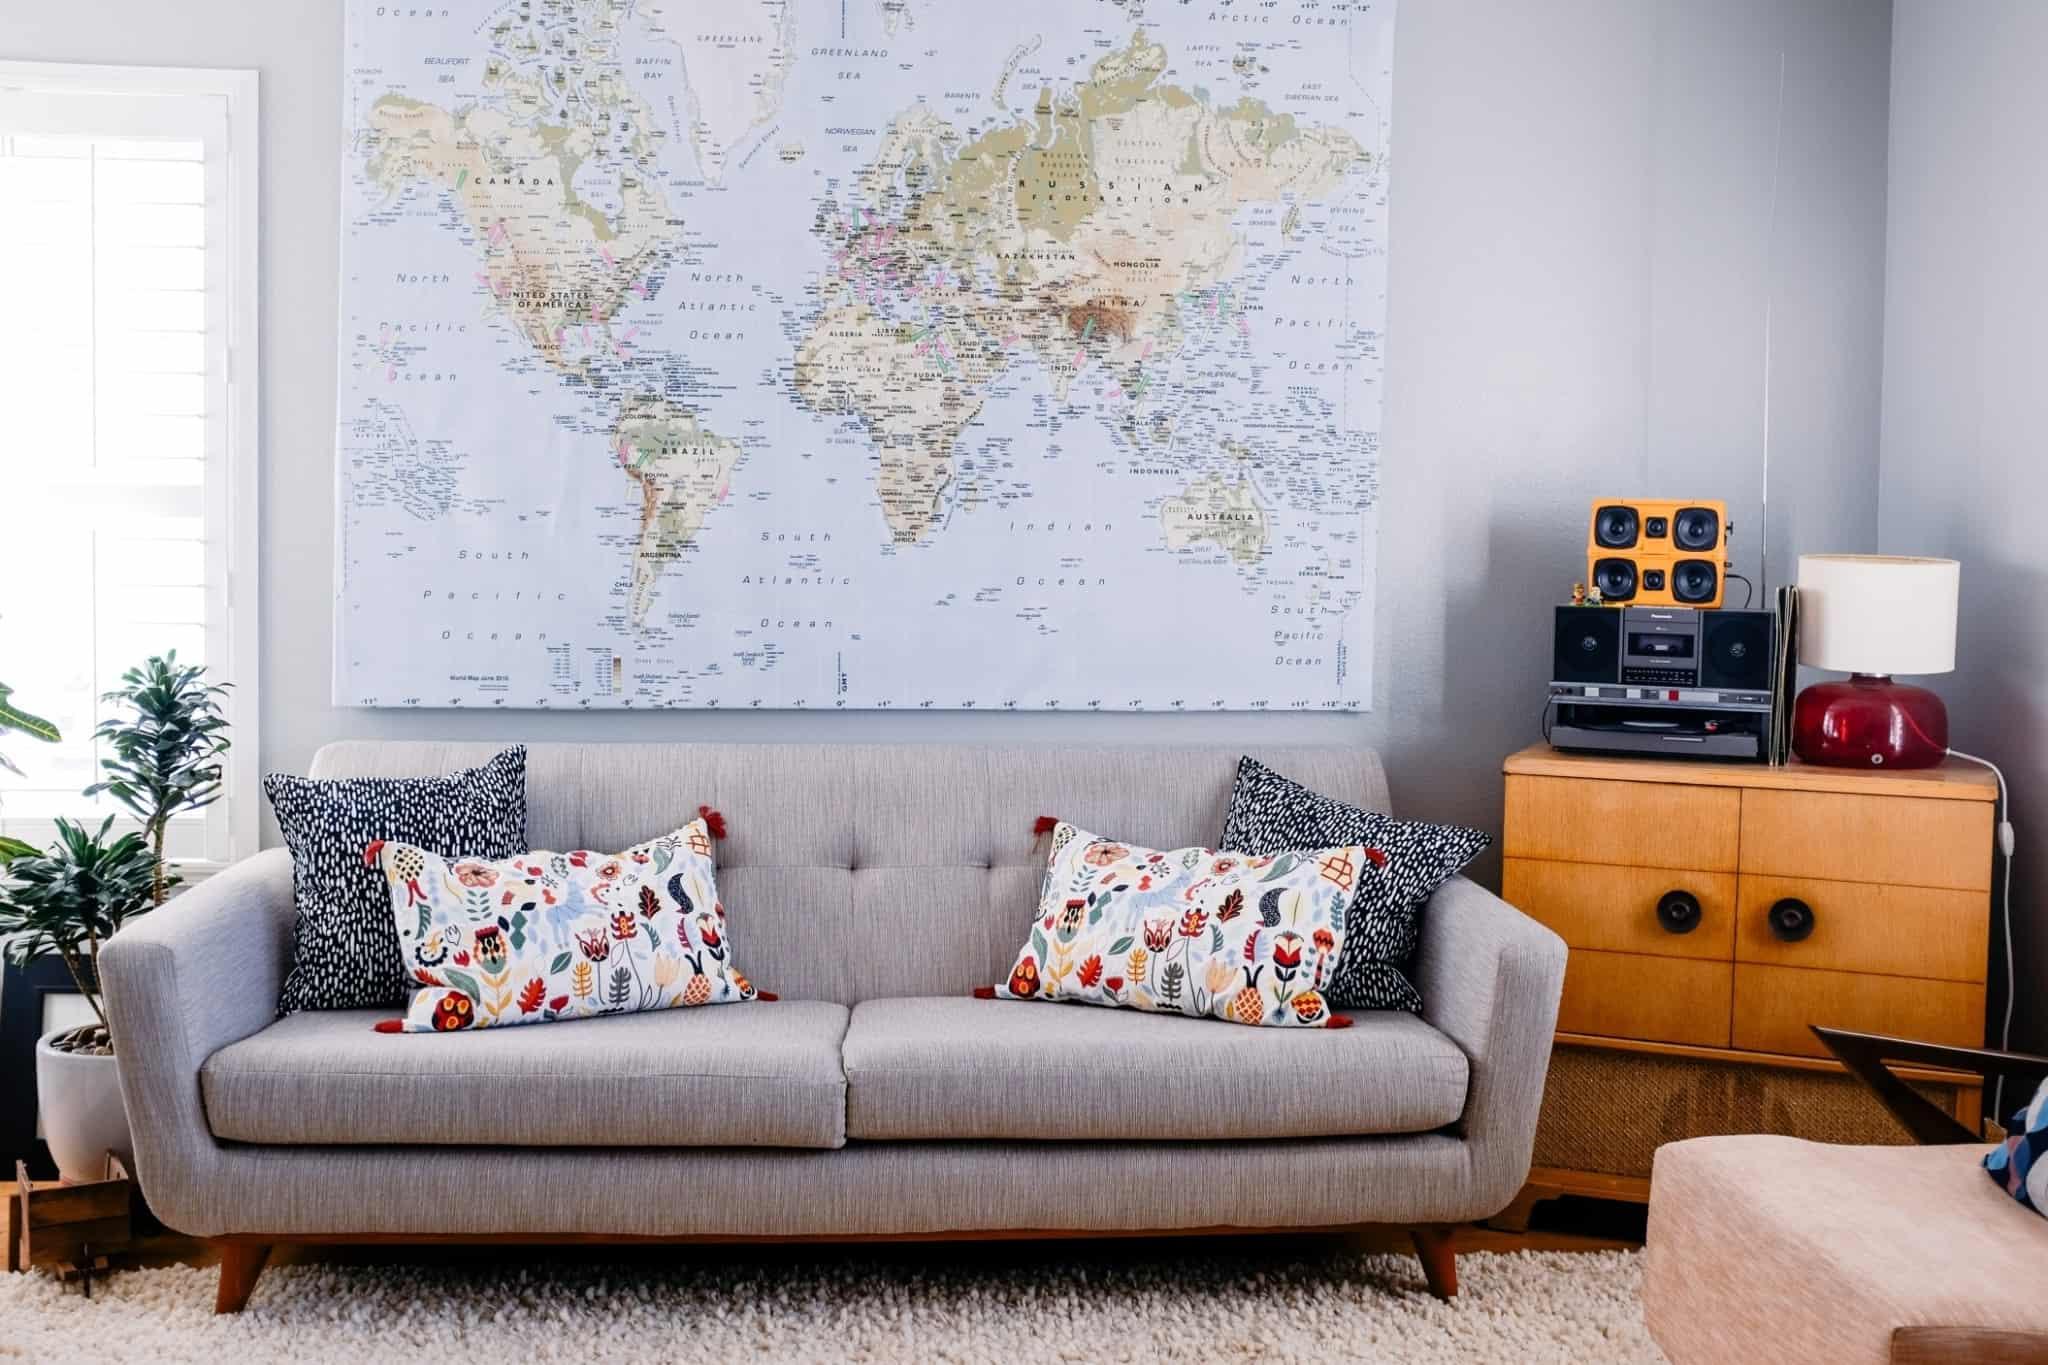 Sala de estar sofá mapa